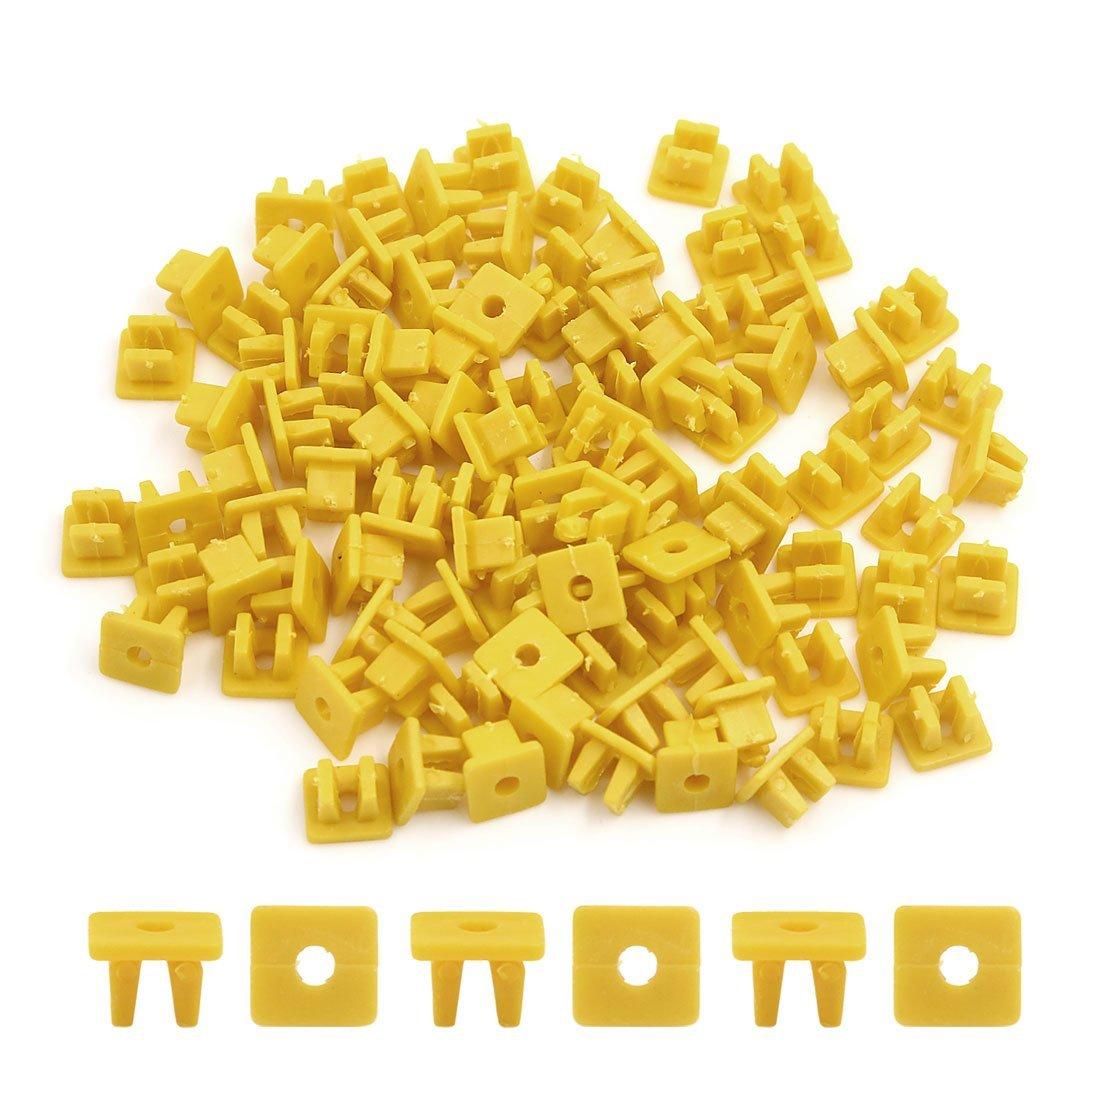 Amazon.com: eDealMax 100Pcs cuadrado Amarillo remaches de plástico Interior moldura varillas de sujeción 9 x 8 mm: Automotive